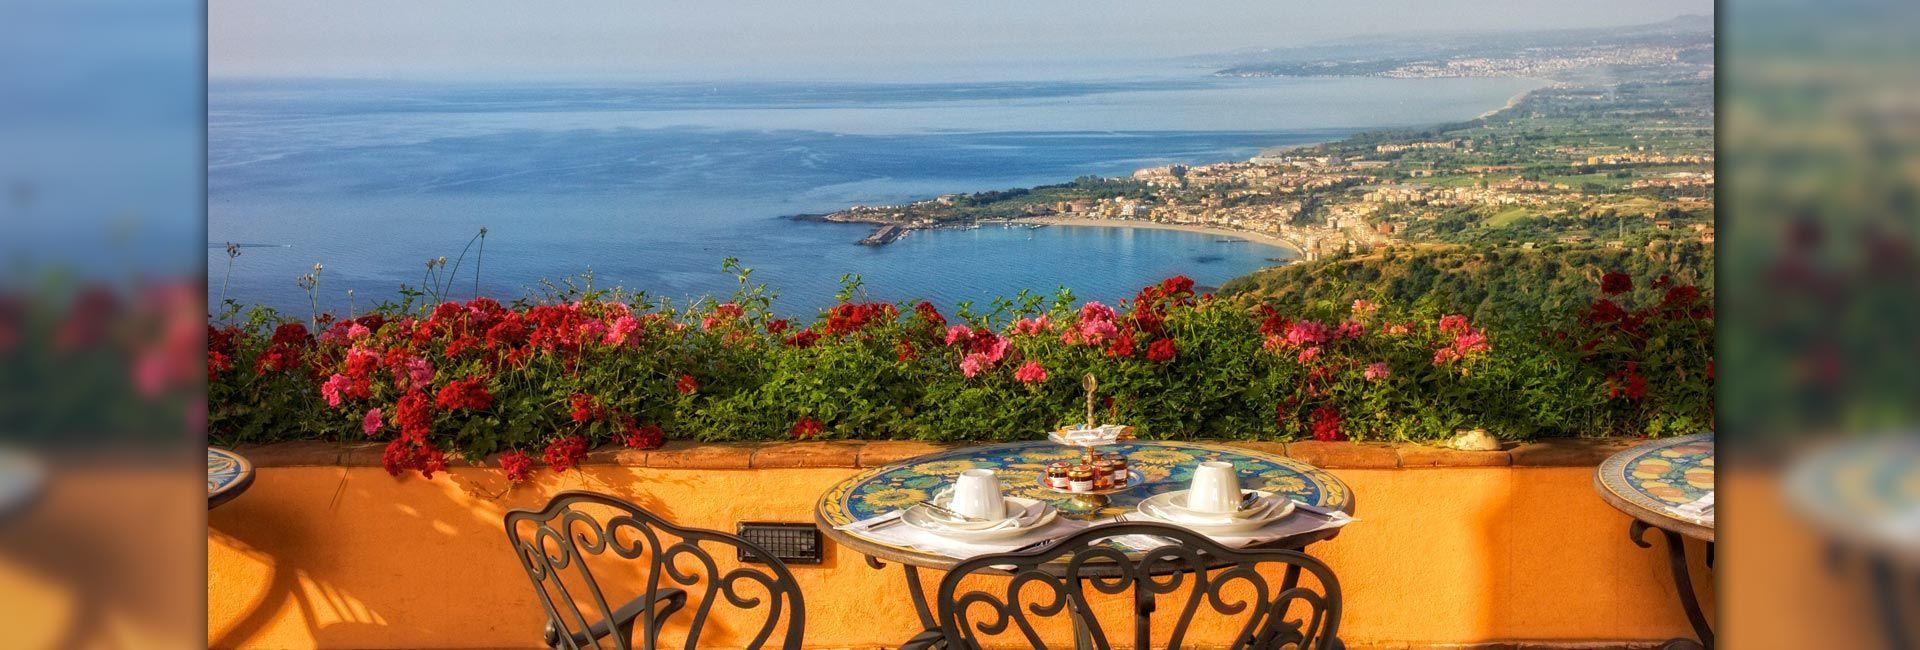 Hotel Villa Ducale, Taormina, Sicily   Taormina, Italy ...